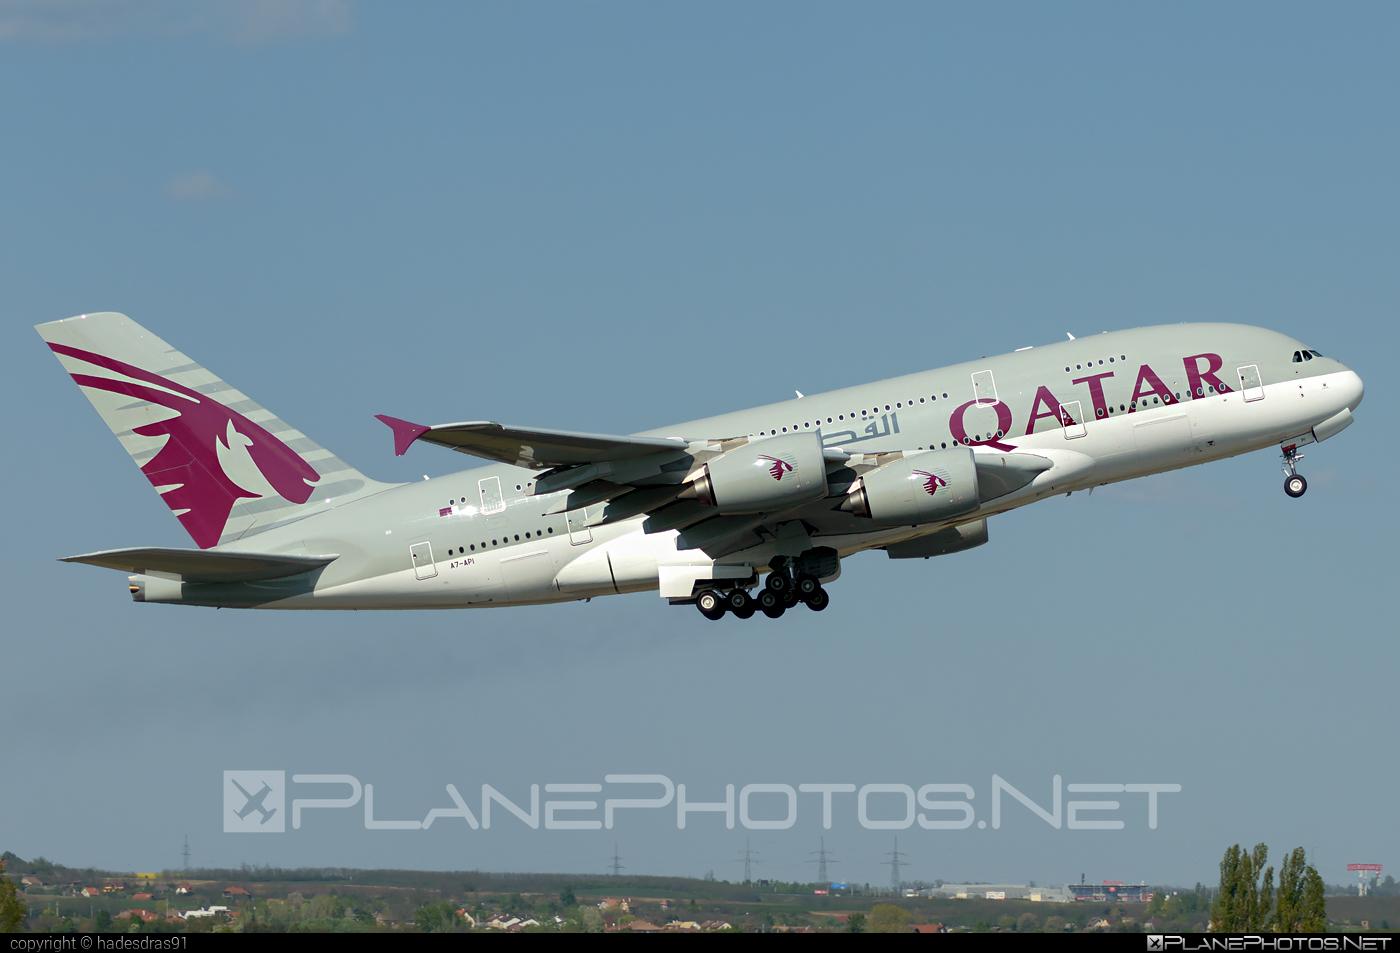 Airbus A380-861 - A7-API operated by Qatar Airways #a380 #a380family #airbus #airbus380 #qatarairways